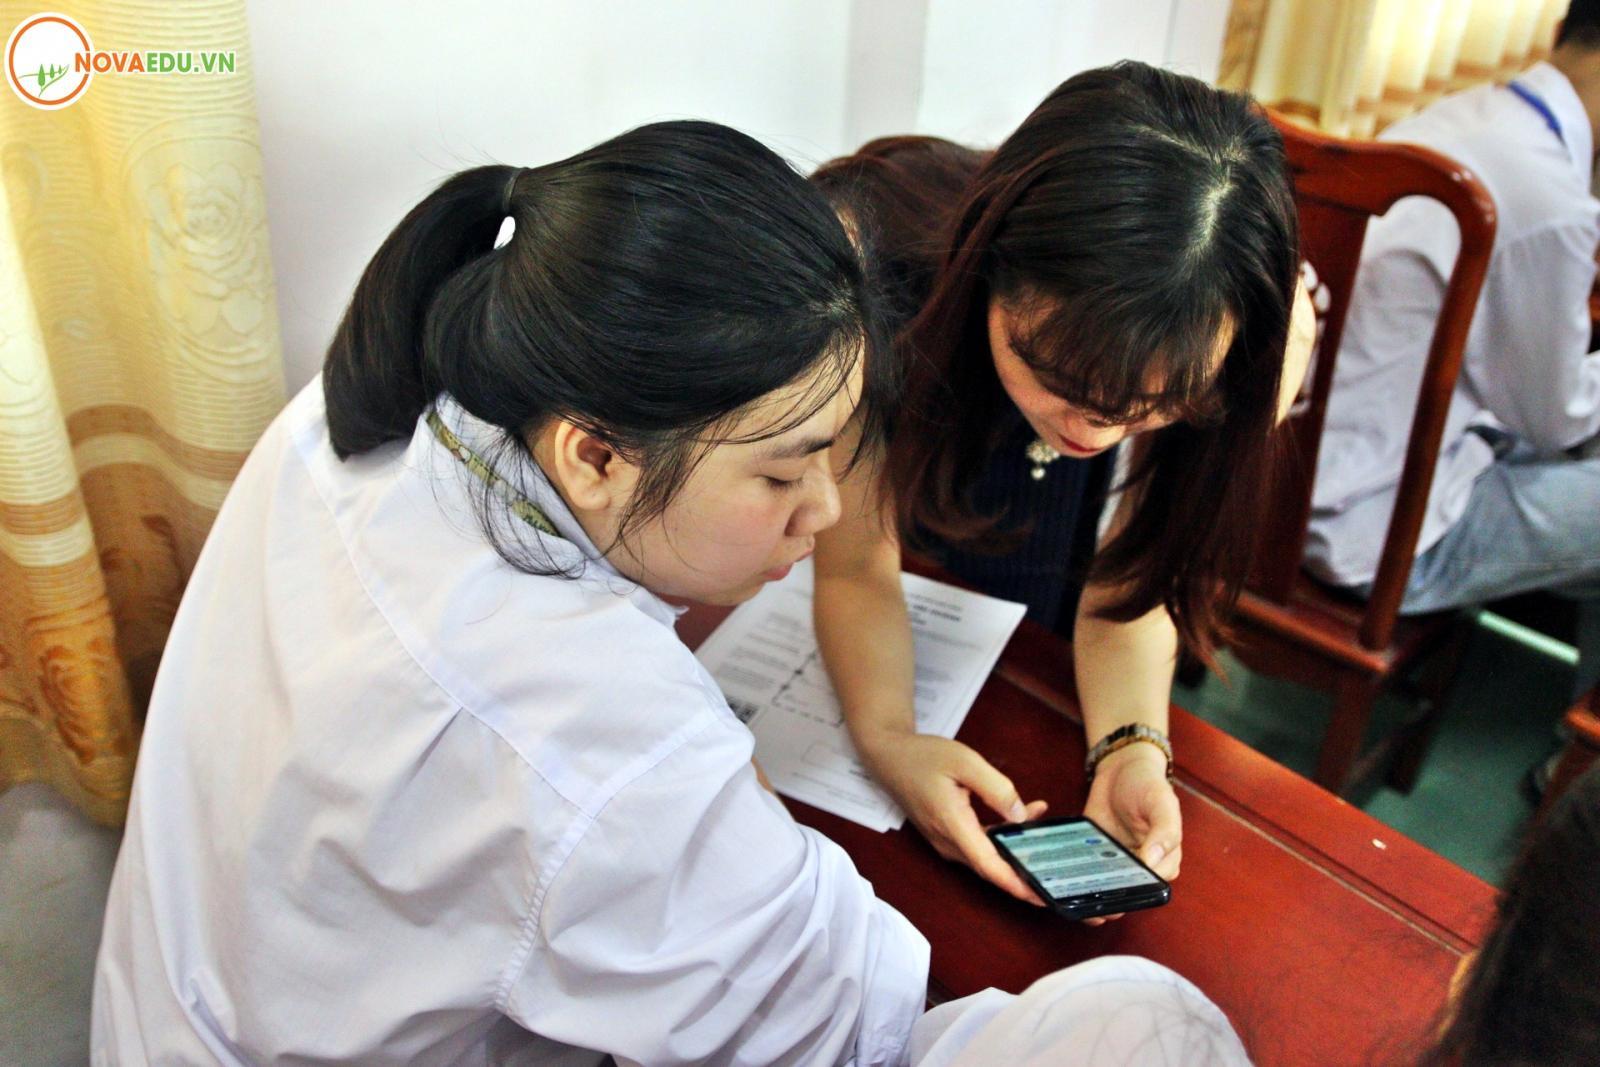 Các bạn học sinh được trực tiếp hướng dẫn sử dụng Hệ thống hướng nghiệp online Nova Eguide